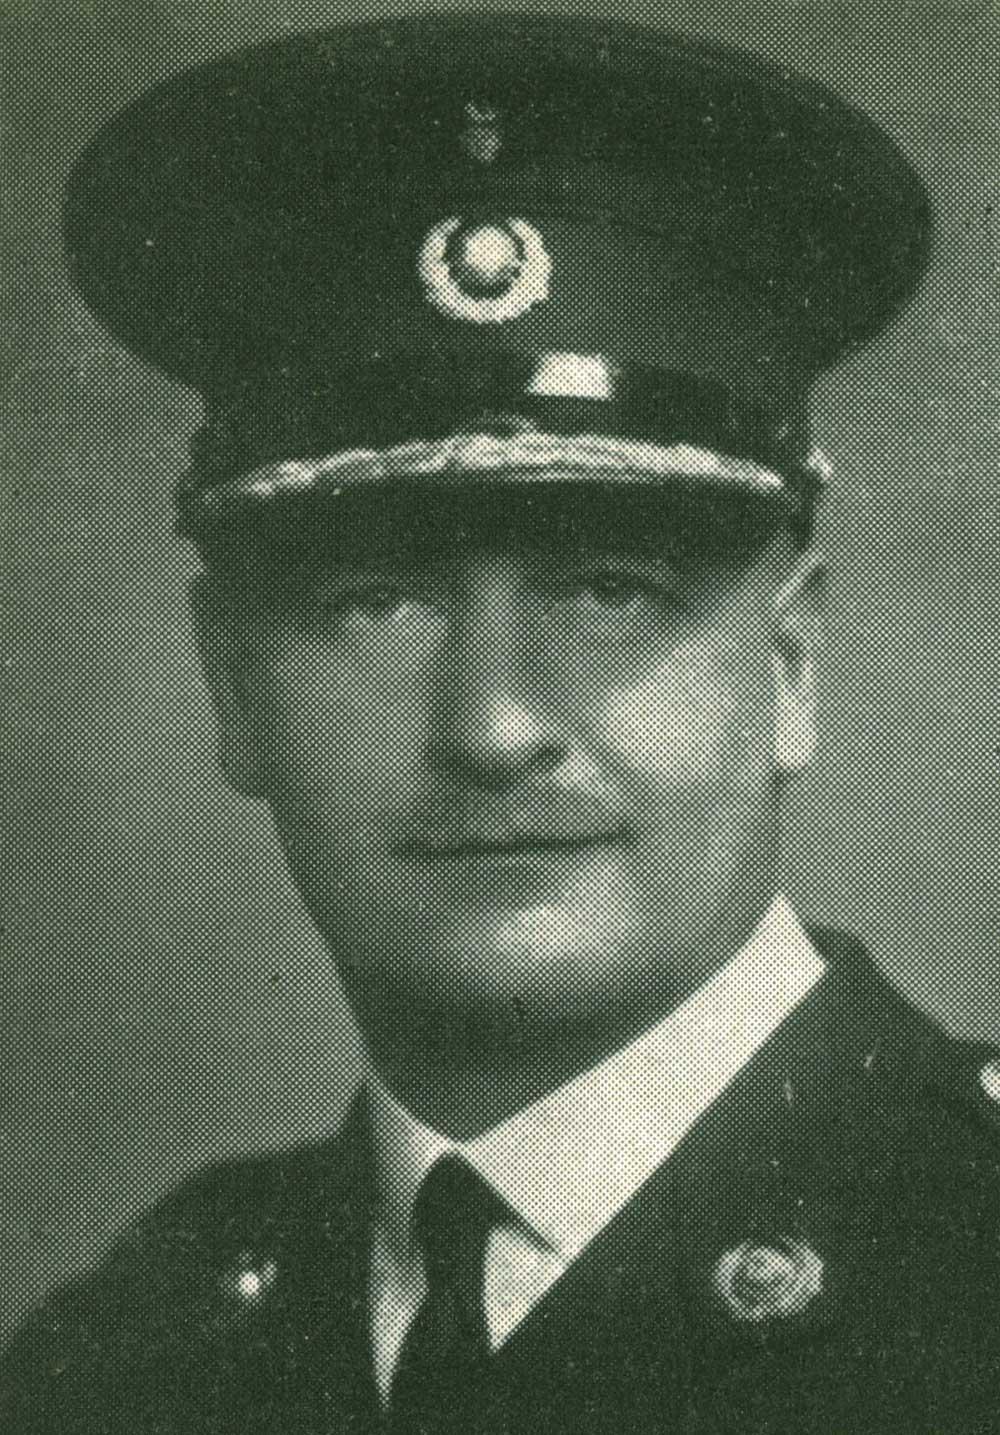 1942_11_15_skene_nigel.jpg